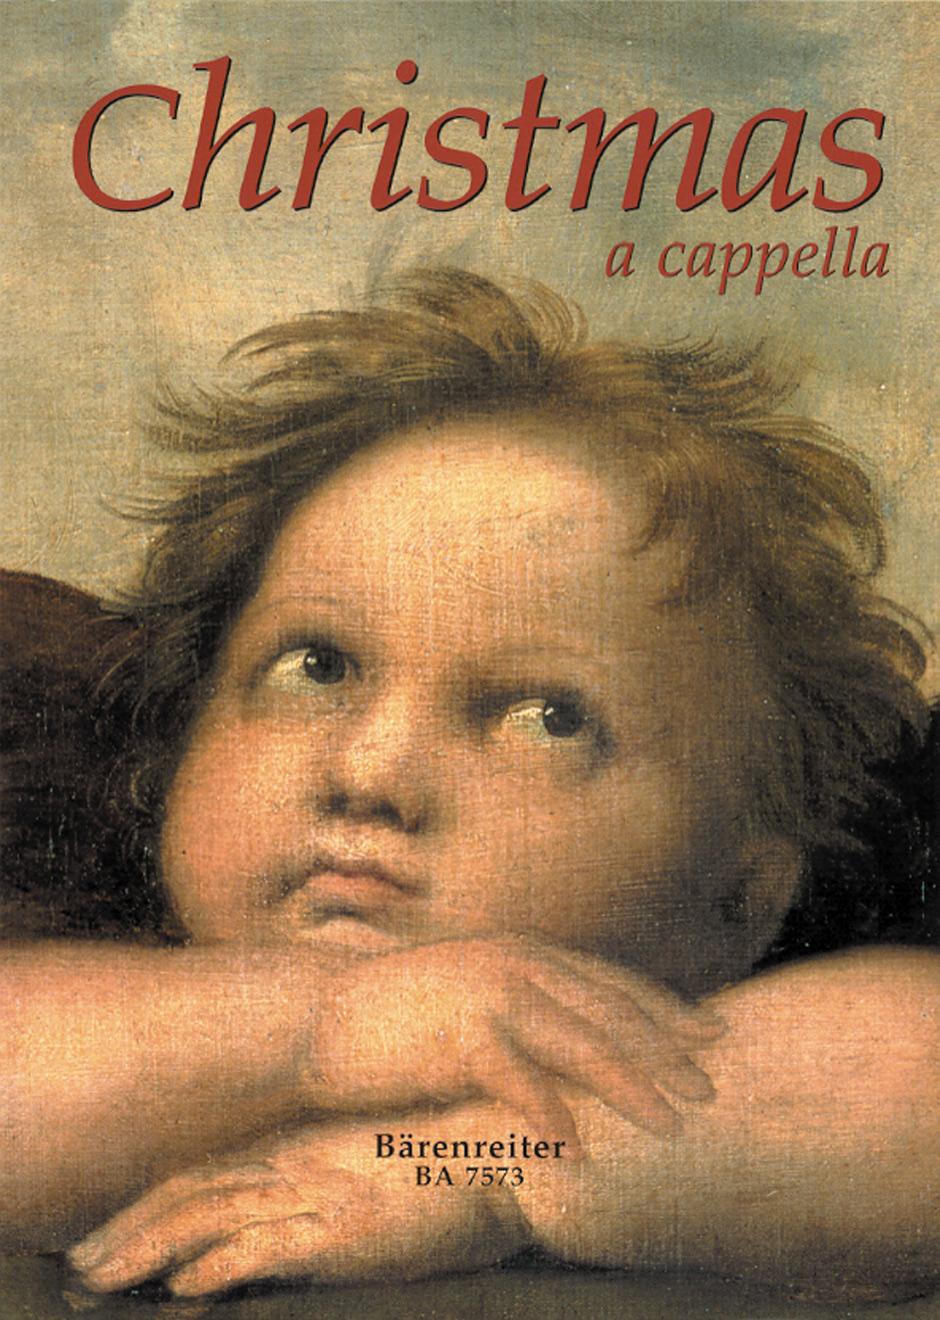 Christmas a cappella / Bärenreiter Verlag